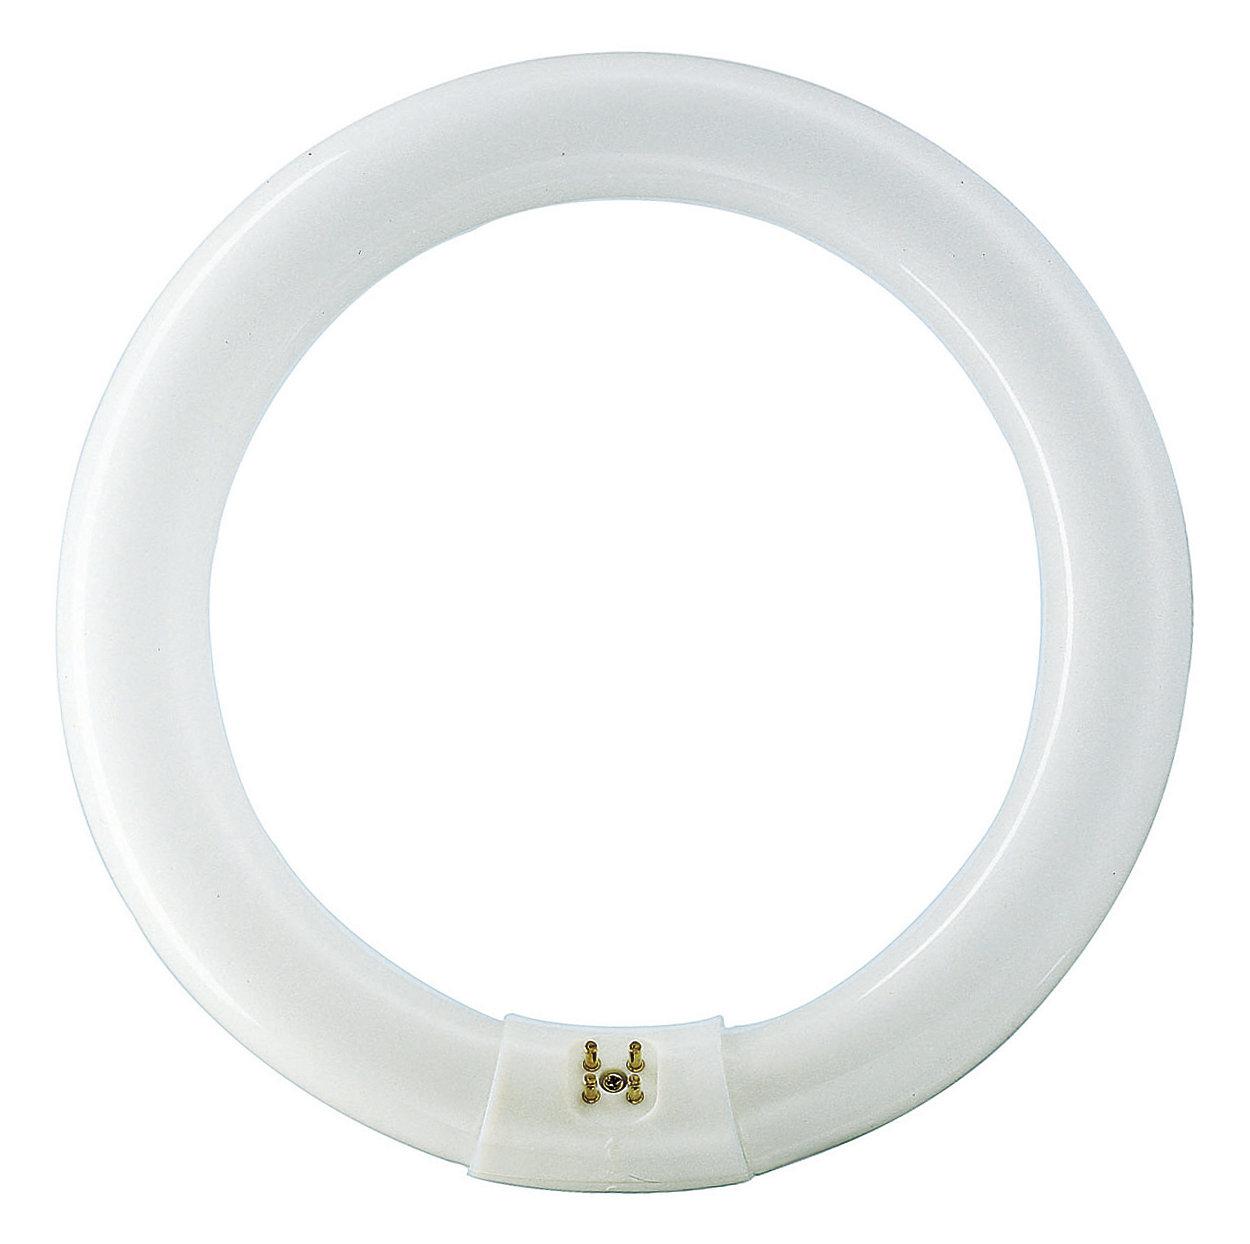 Cirkelvormige fluorescentieverlichting met verbeterde kleurweergave